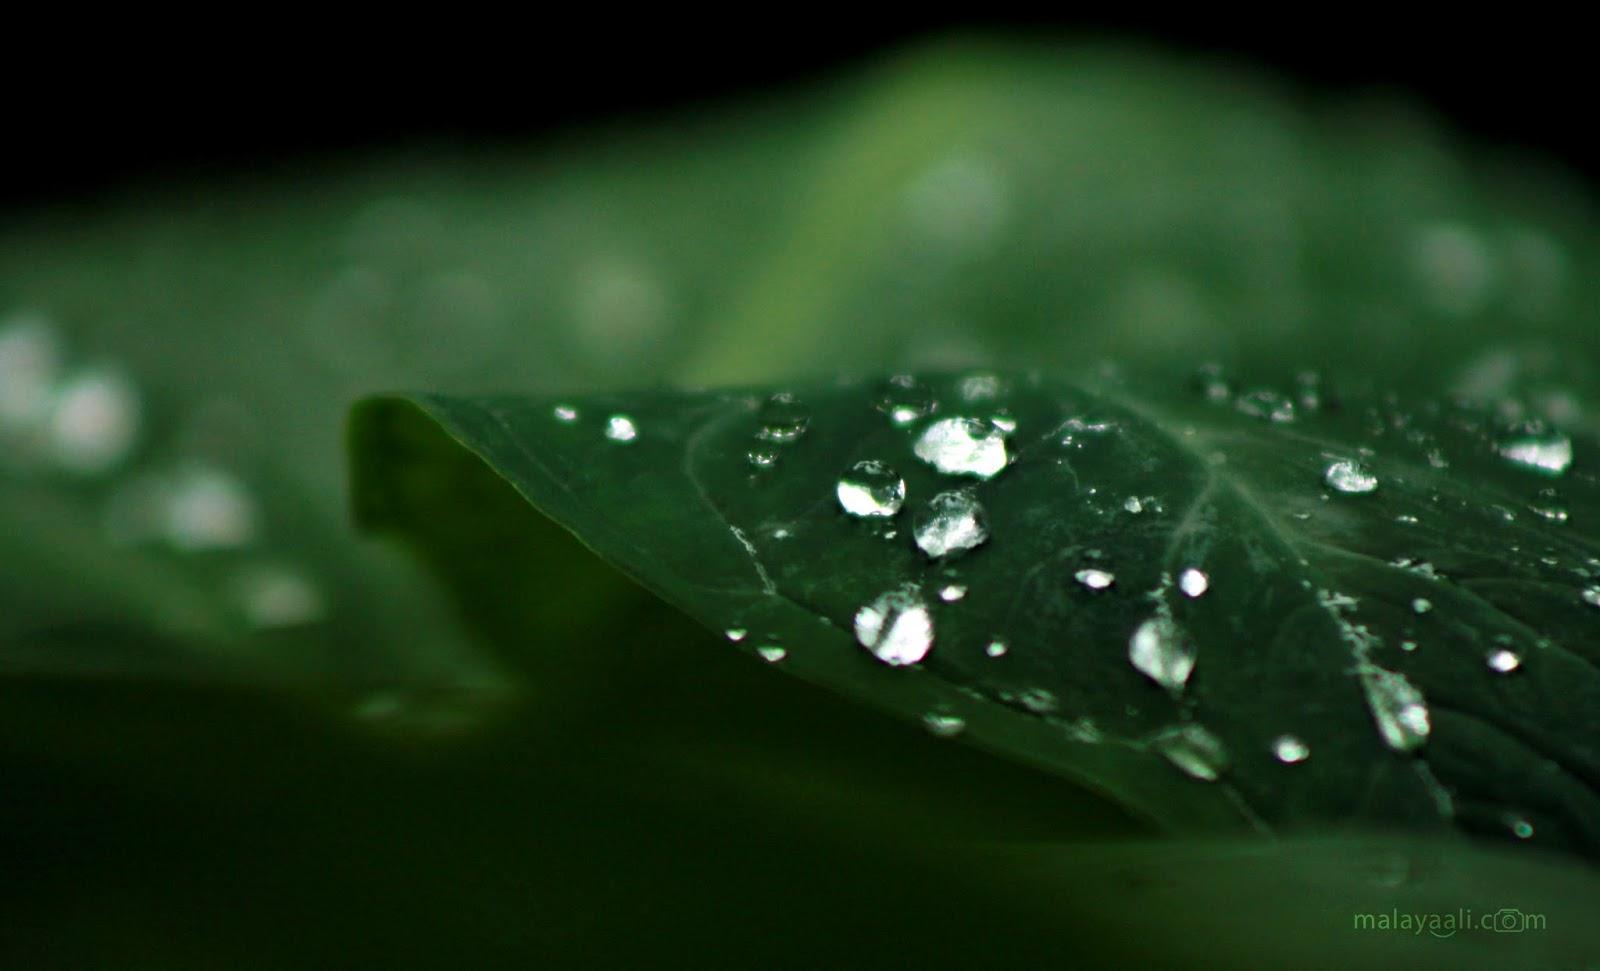 മഴ, മലയാളി, കേരളം, Mazha, Malayali, Malayaali, Kerala, Leaf, Raindrops, Malayali Peringode, Monsoon